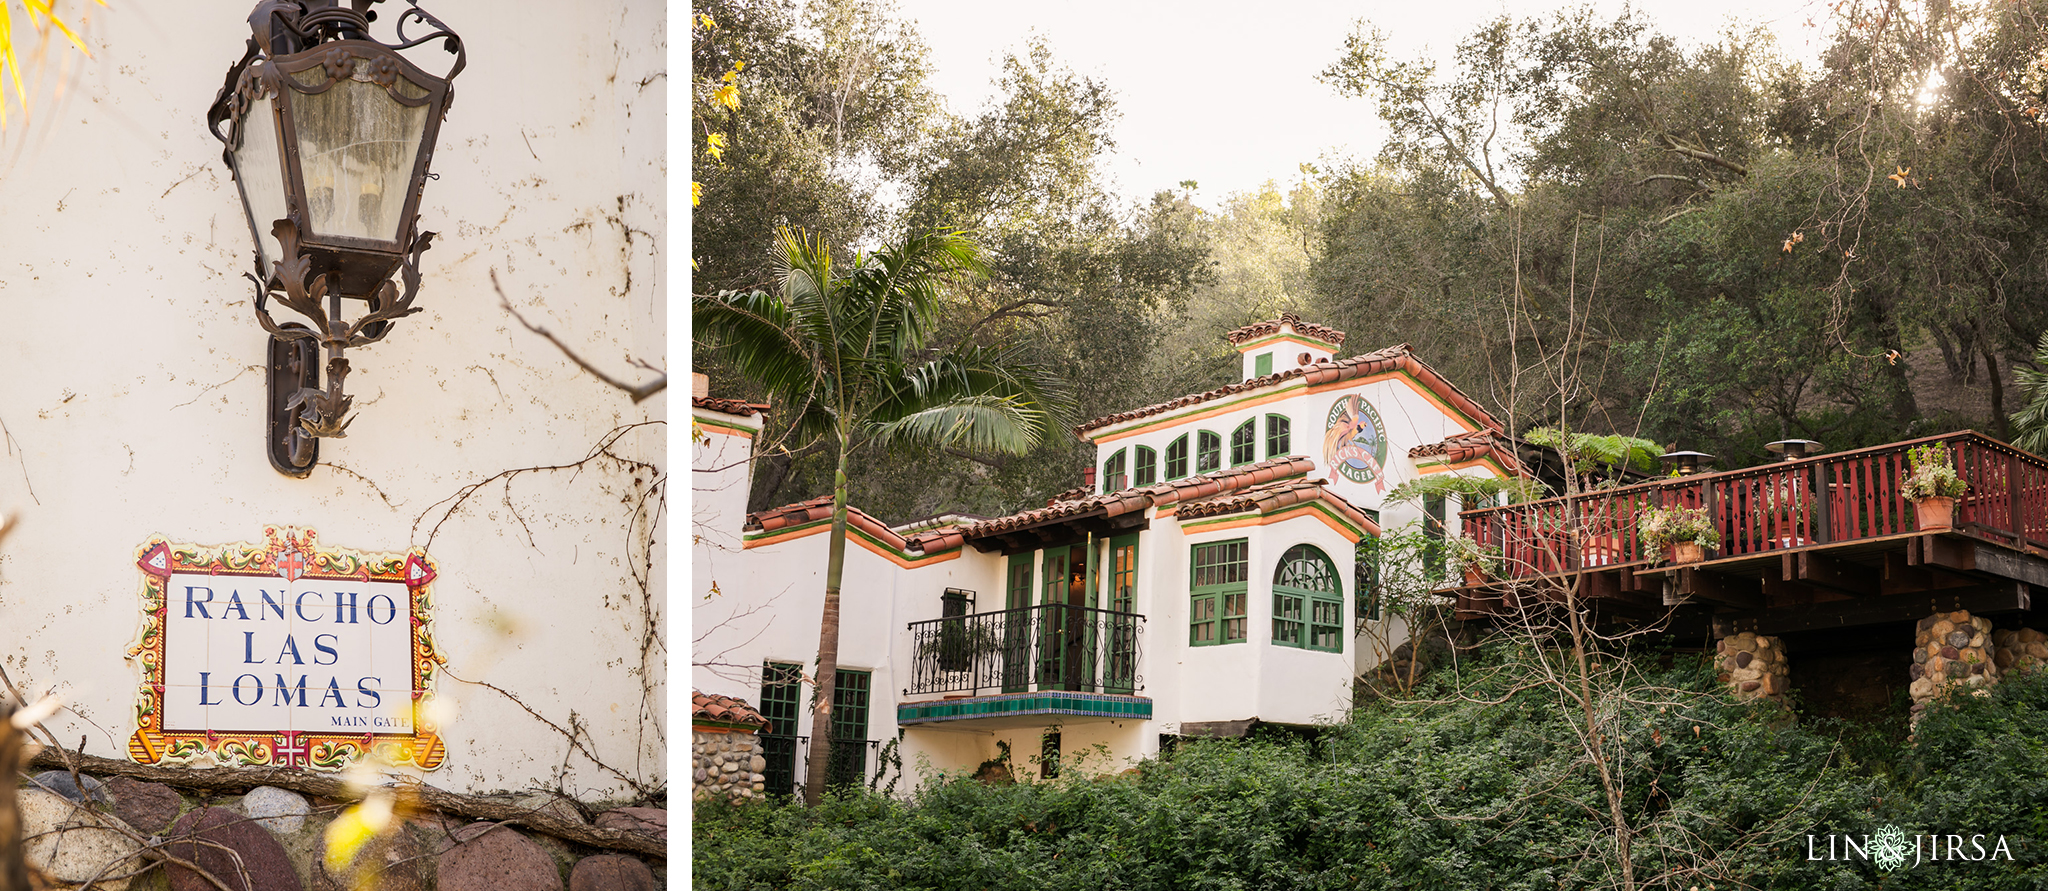 zbf Rancho Las Lomas Silverado Wedding Photography